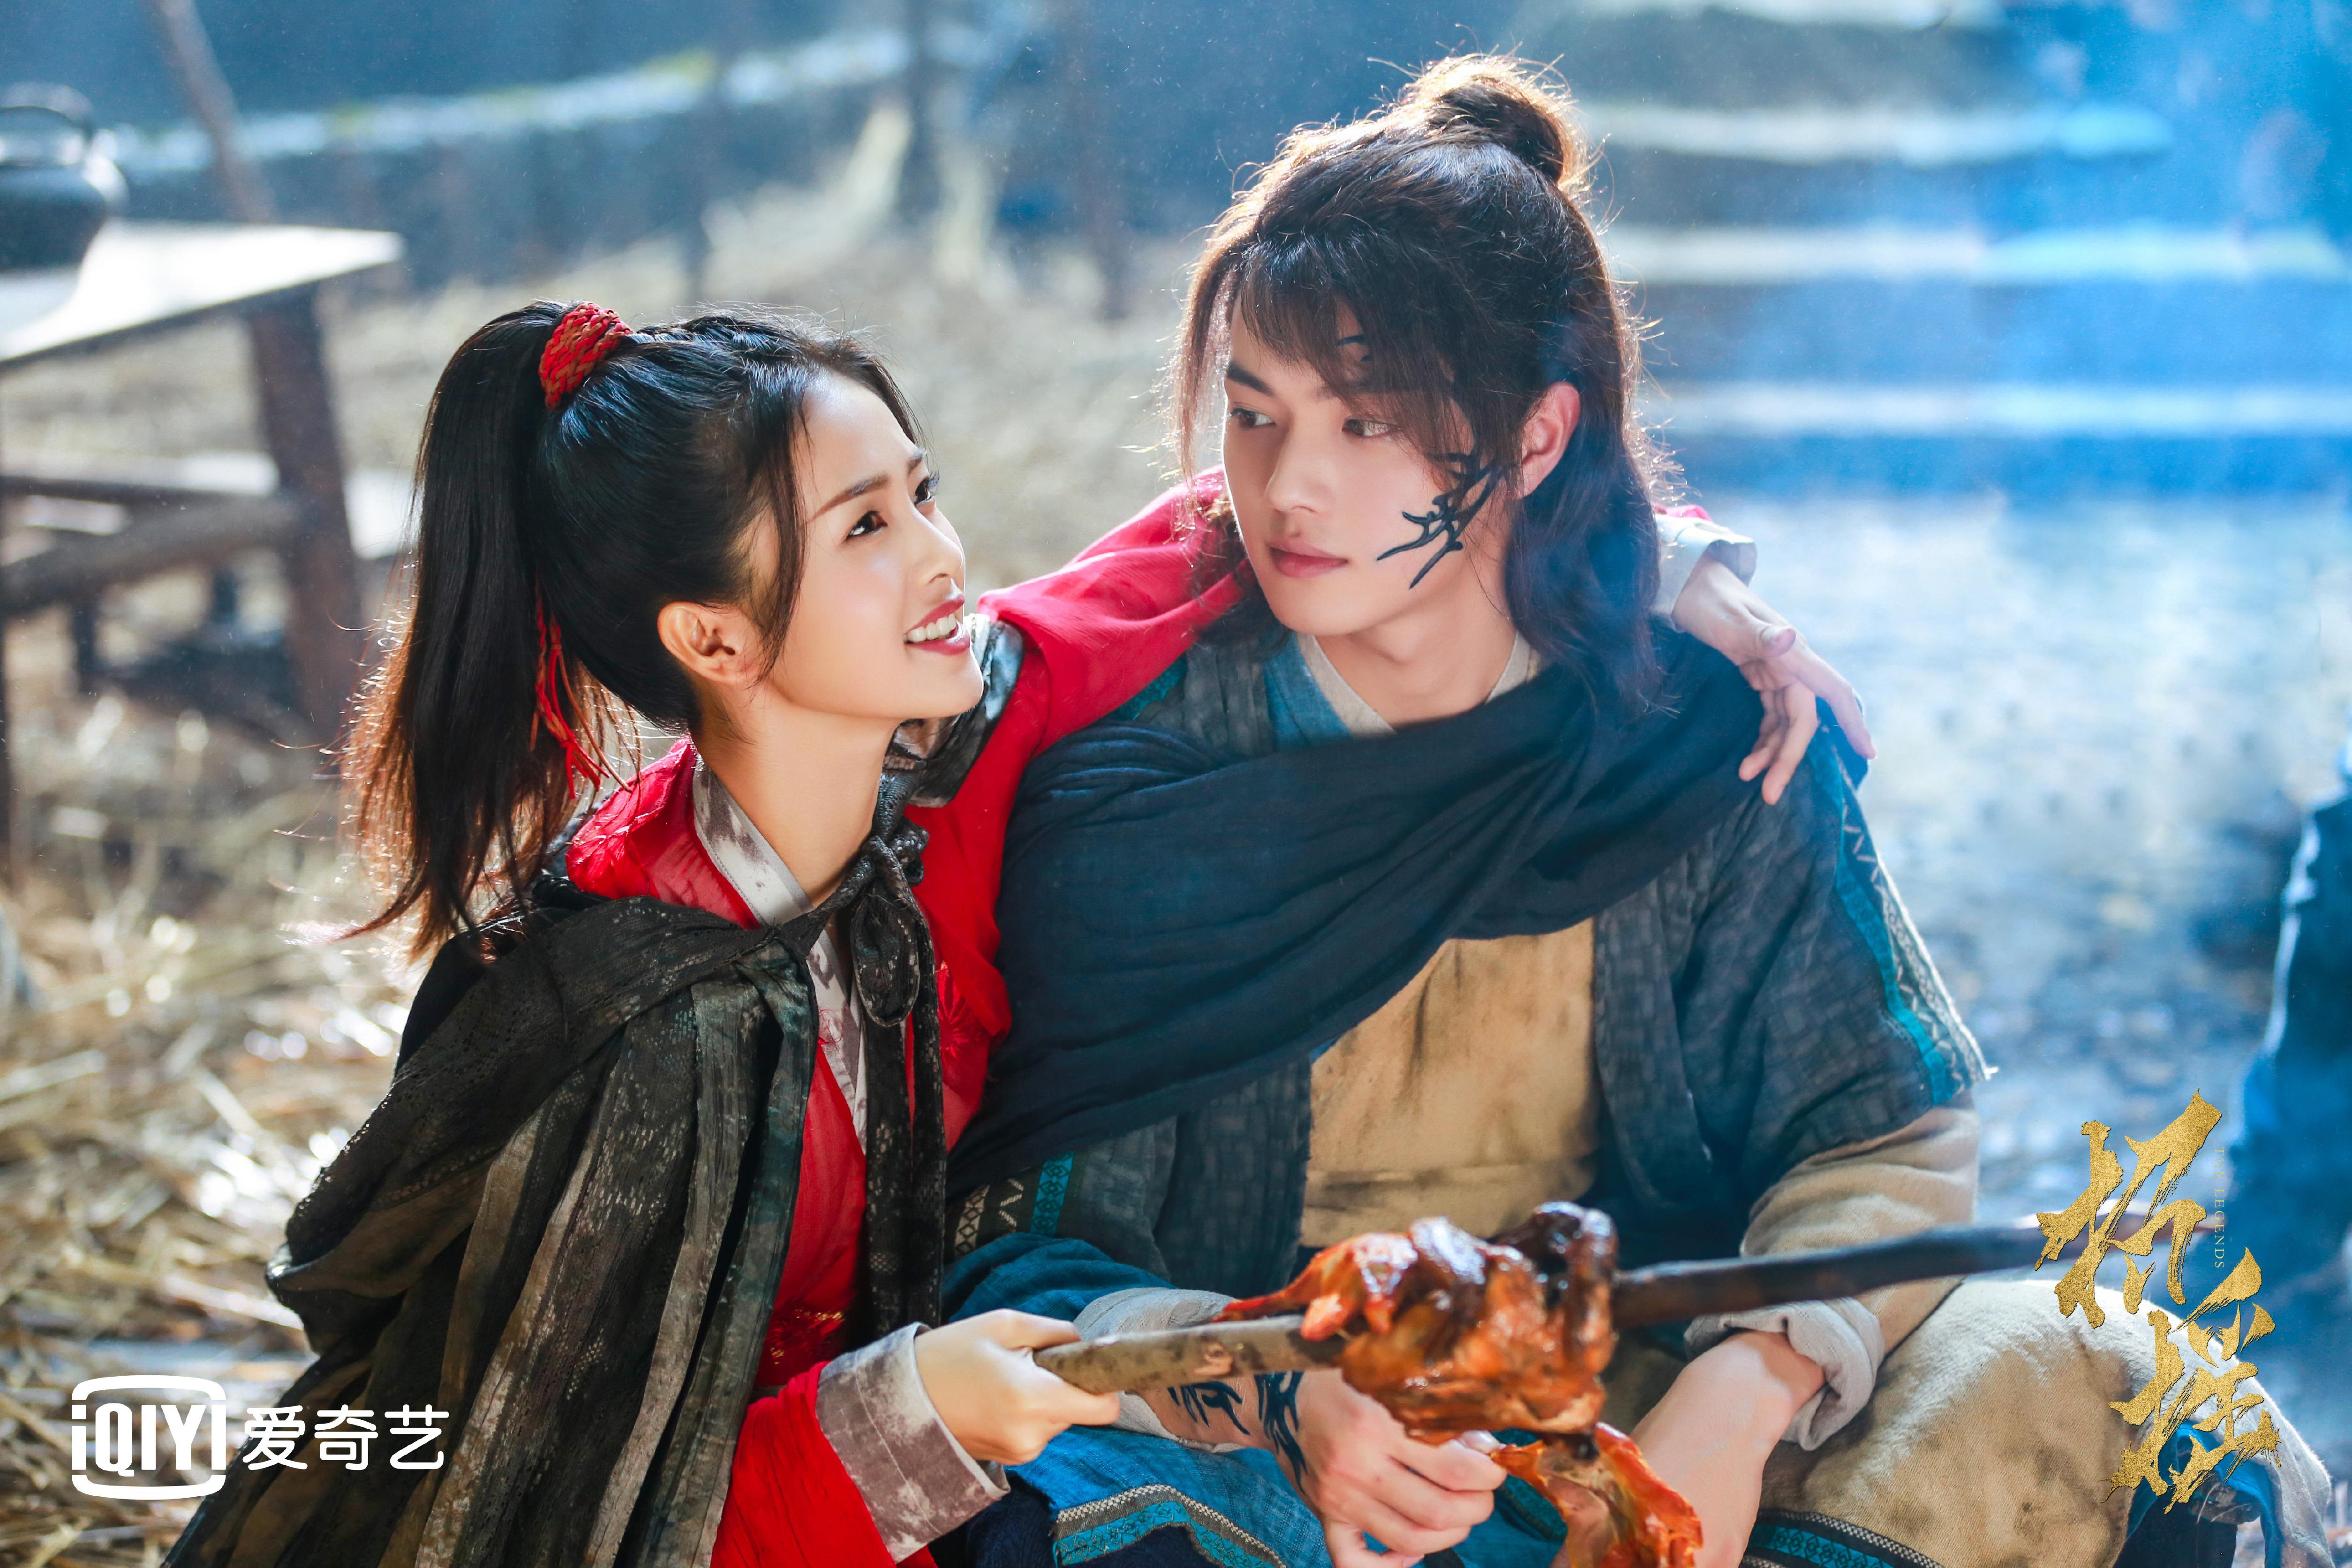 许凯和白鹿再次合作电视剧《招摇》,看了剧照觉得会火嘛?